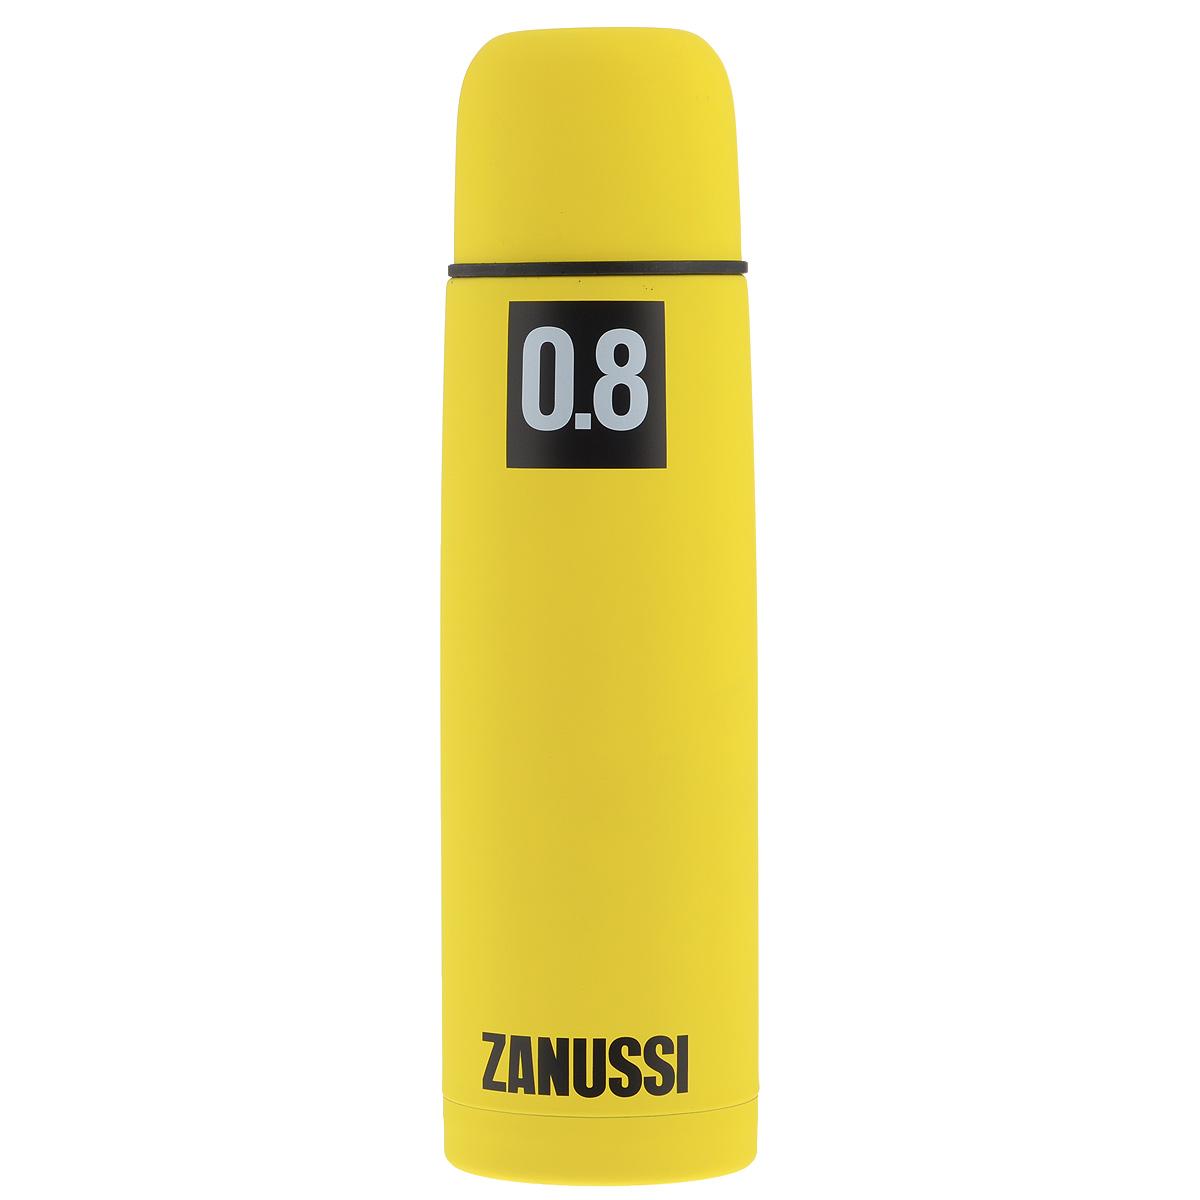 Термос Zanussi, цвет: желтый, 800 мл21395599Термос с узким горлом Zanussi, изготовленный из высококачественной нержавеющей стали 18/10, является простым в использовании, экономичным и многофункциональным. Корпус изделия оснащен резиновым покрытием, благодаря чему термос практически невозможно разбить, он защищен от сколов. Термос с двухстеночной вакуумной изоляцией, предназначенный для хранения горячих и холодных напитков (чая, кофе), сохраняет их до 12 часов горячими и холодными в течении 24 часов. Изделие укомплектовано пробкой с кнопкой. Такая пробка удобна в использовании и позволяет, не отвинчивая ее, наливать напитки после простого нажатия. Изделие также оснащено крышкой-чашкой. Легкий и прочный термос Zanussi сохранит ваши напитки горячими или холодными надолго.